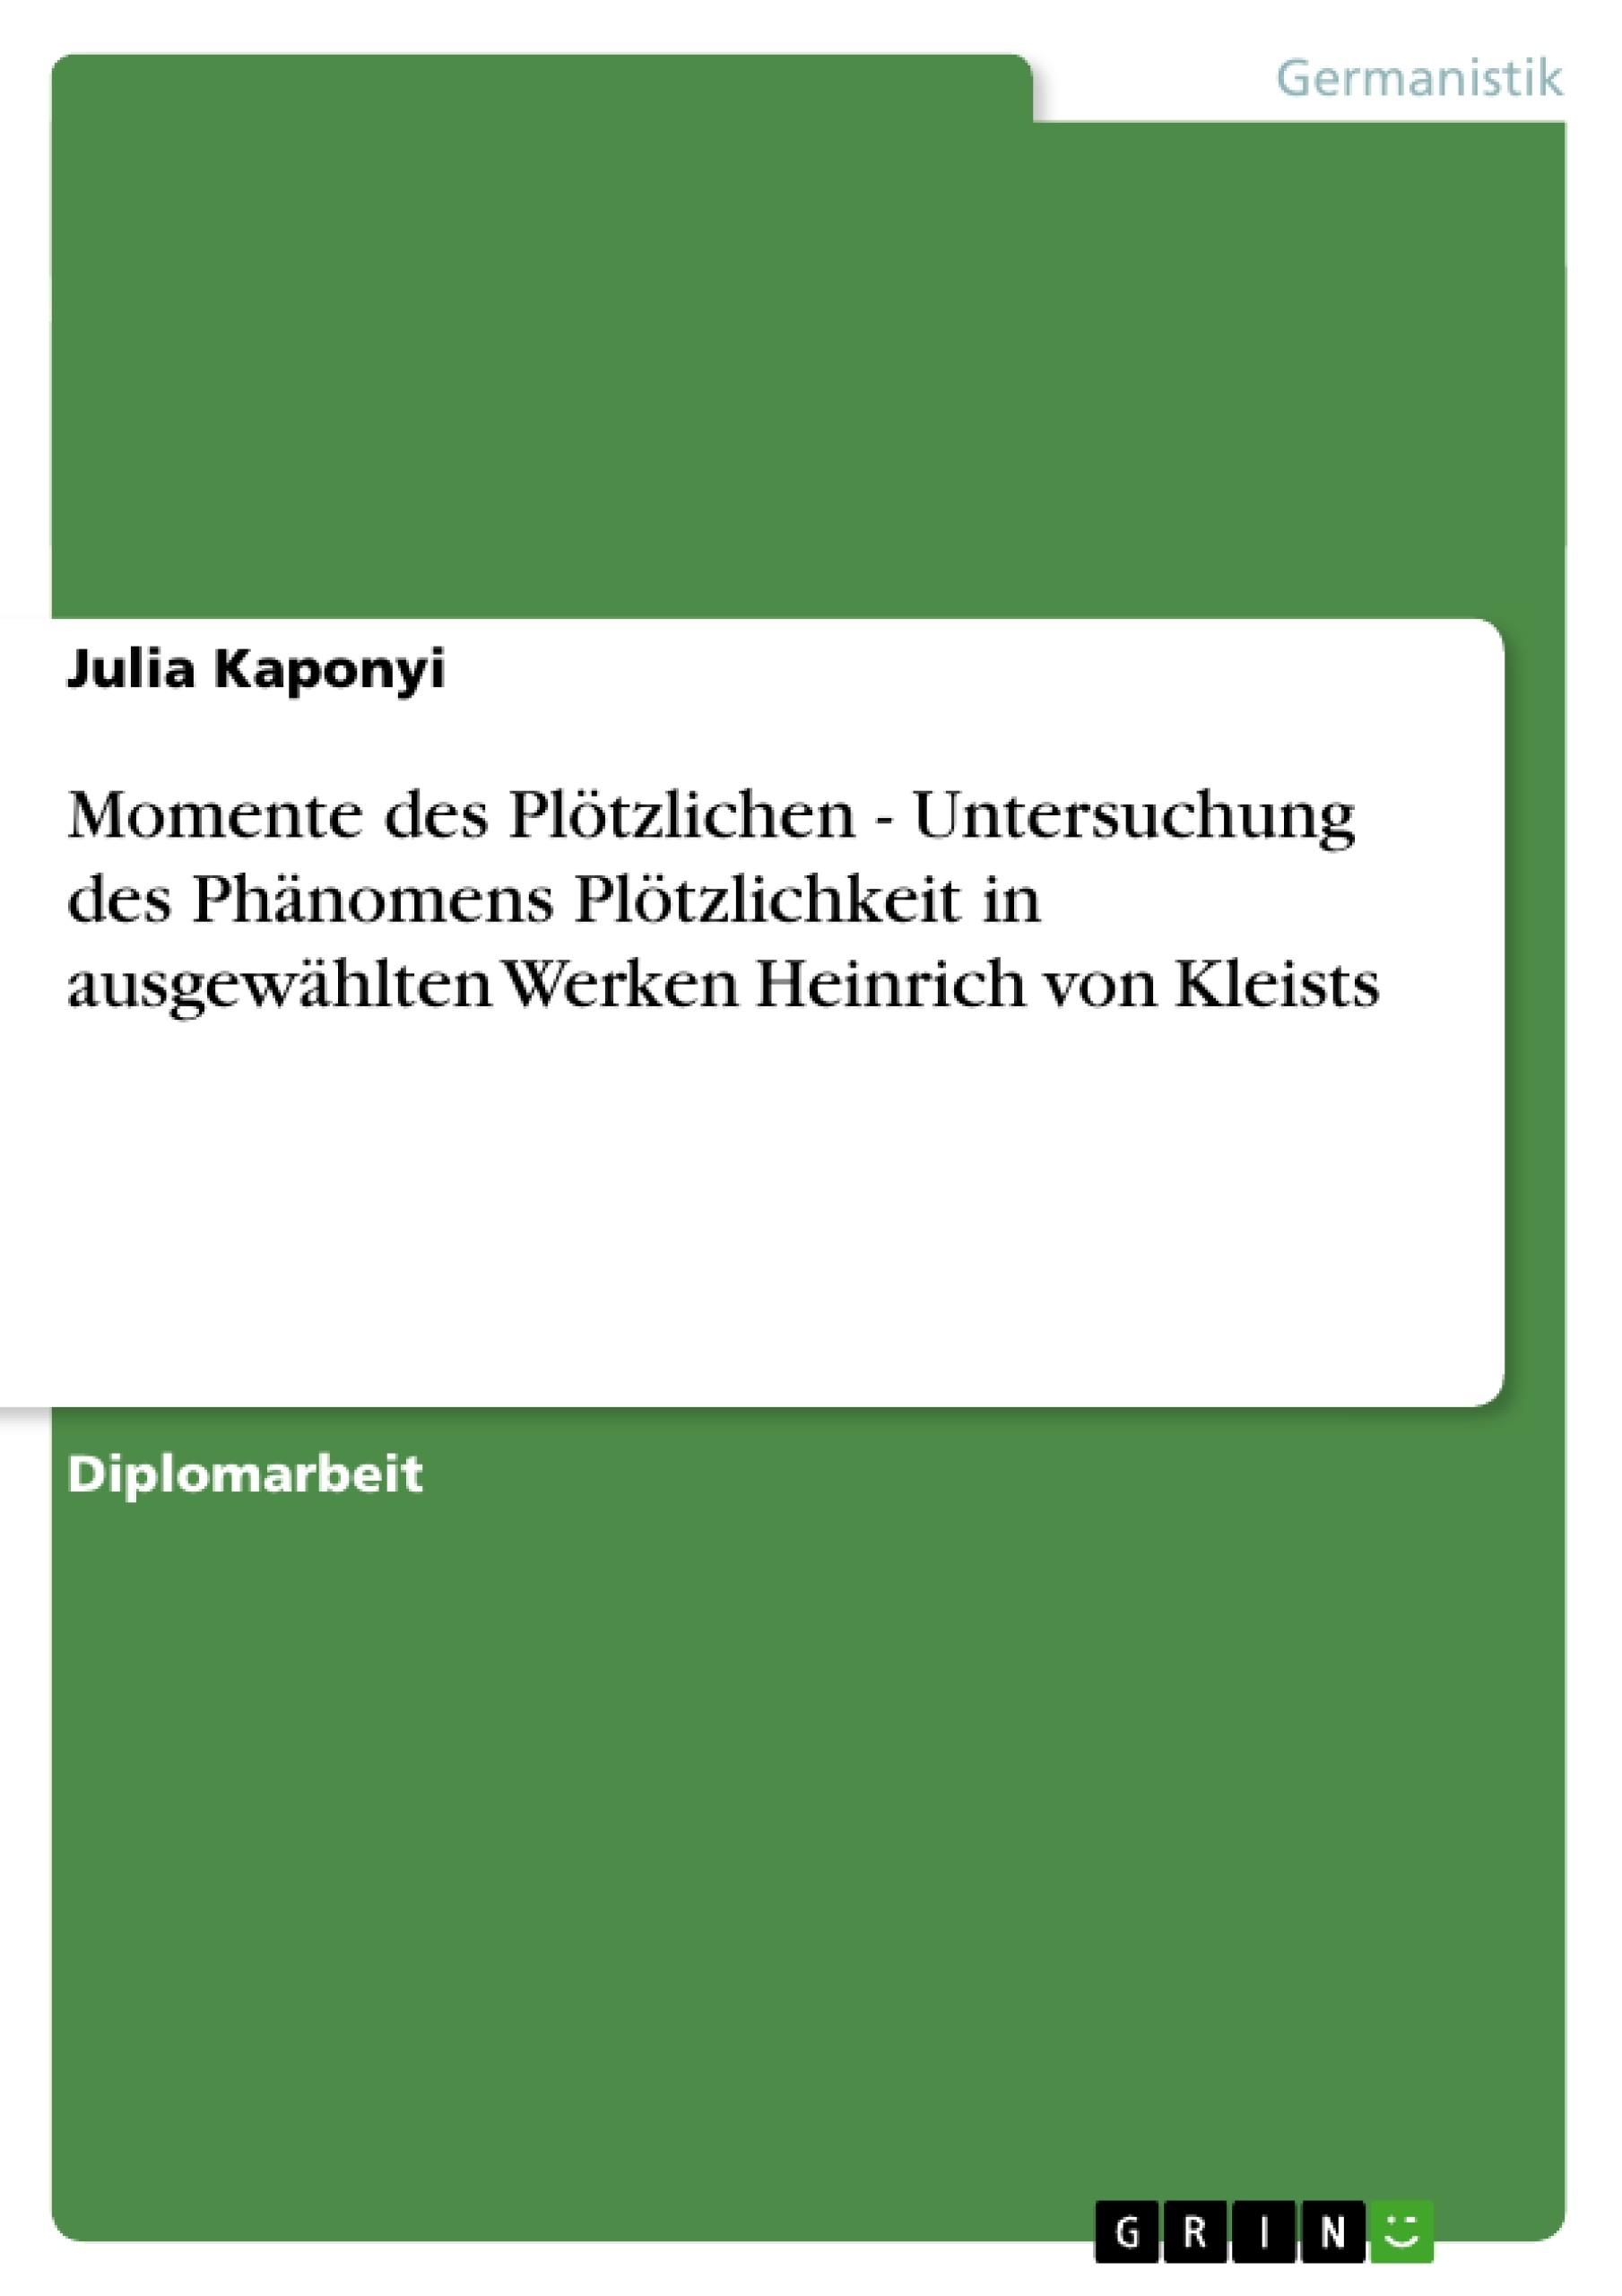 Titel: Momente des Plötzlichen - Untersuchung des Phänomens Plötzlichkeit in ausgewählten Werken Heinrich von Kleists